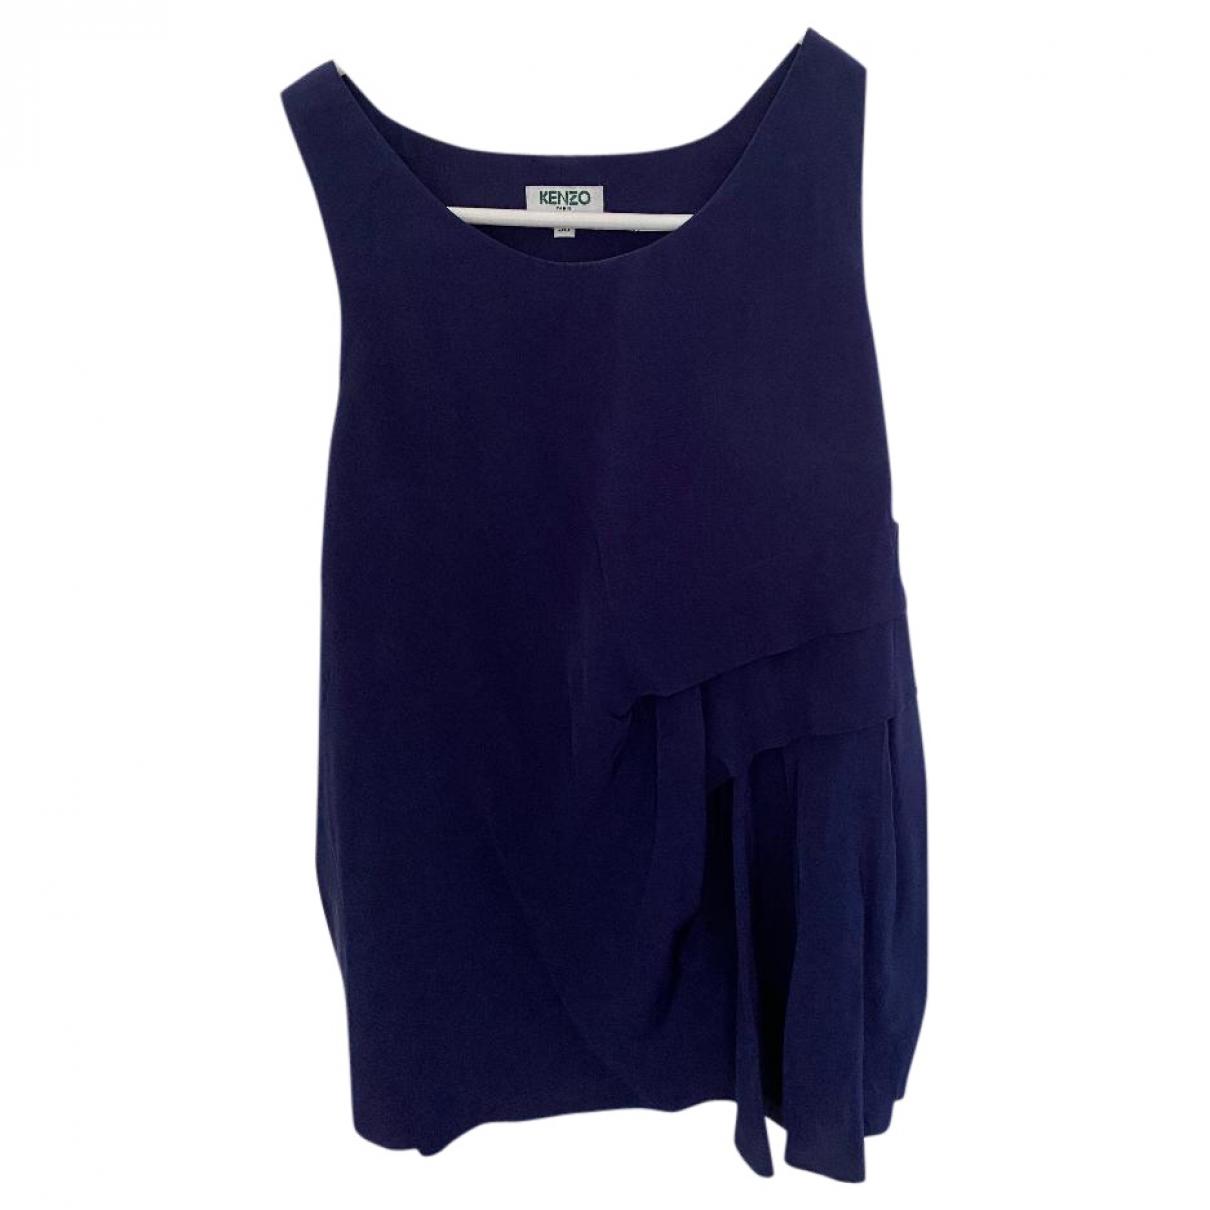 Kenzo - Top   pour femme en soie - bleu